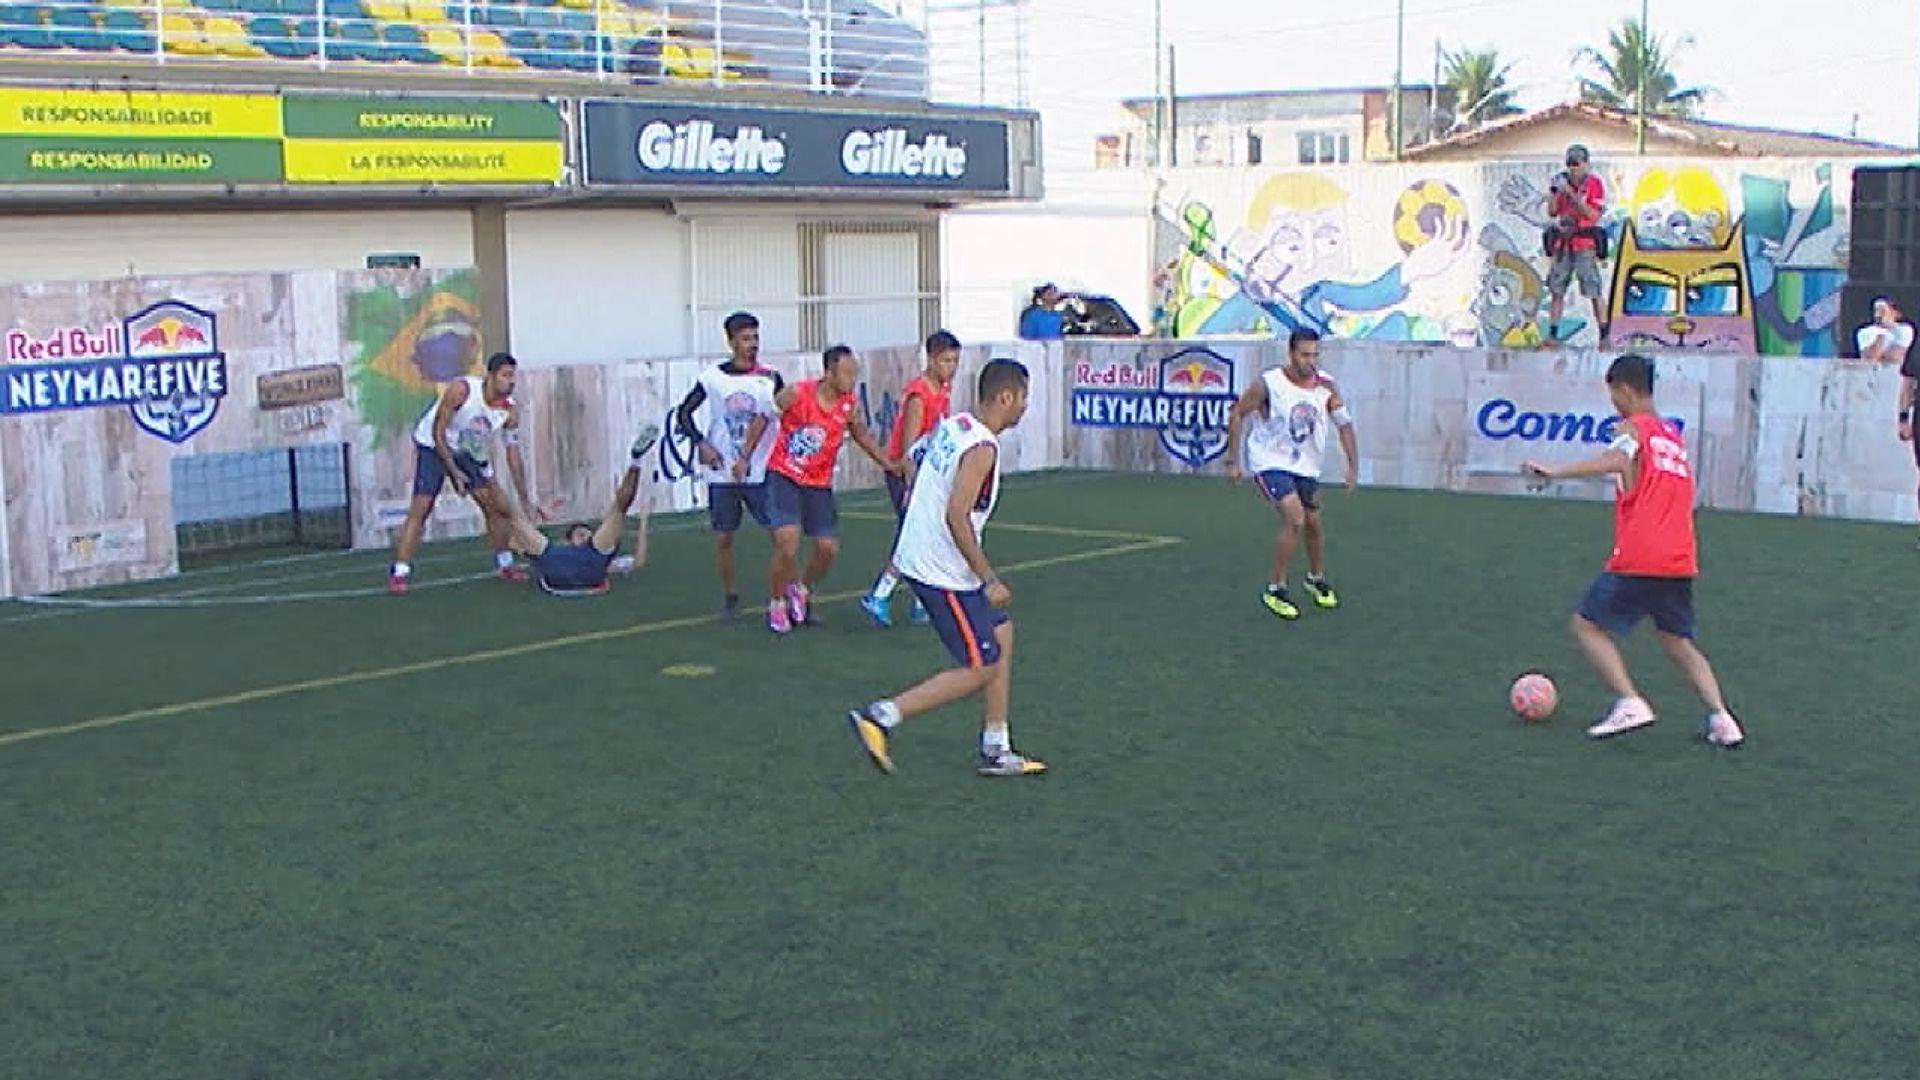 尼馬五人賽 虎聯足球隊分組賽止步